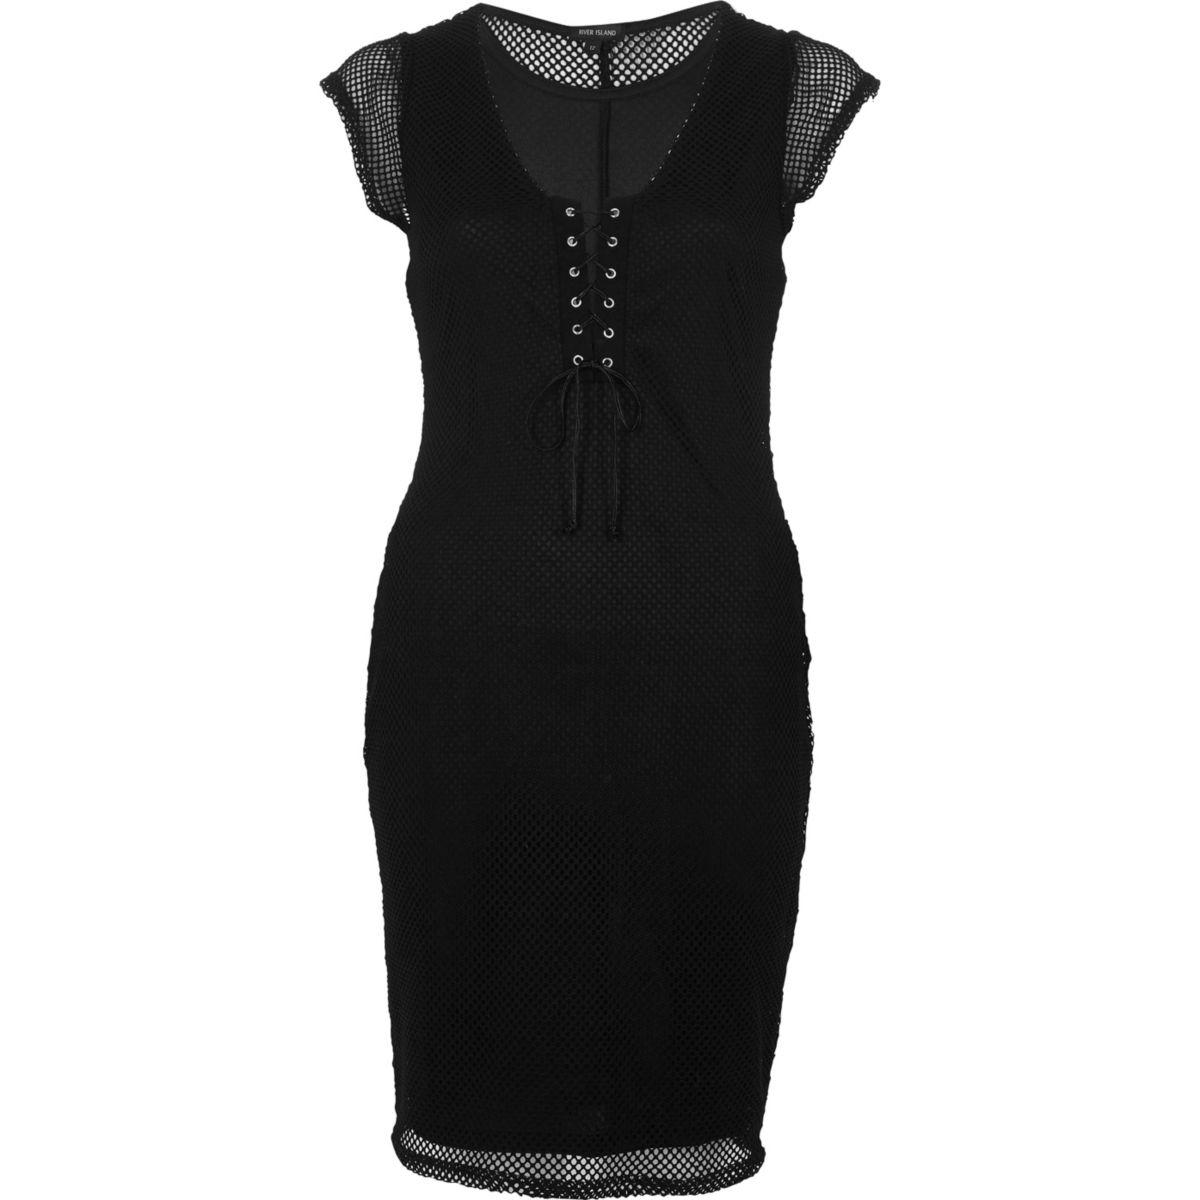 Korsagen-Kleid aus schwarzem Netzstoff